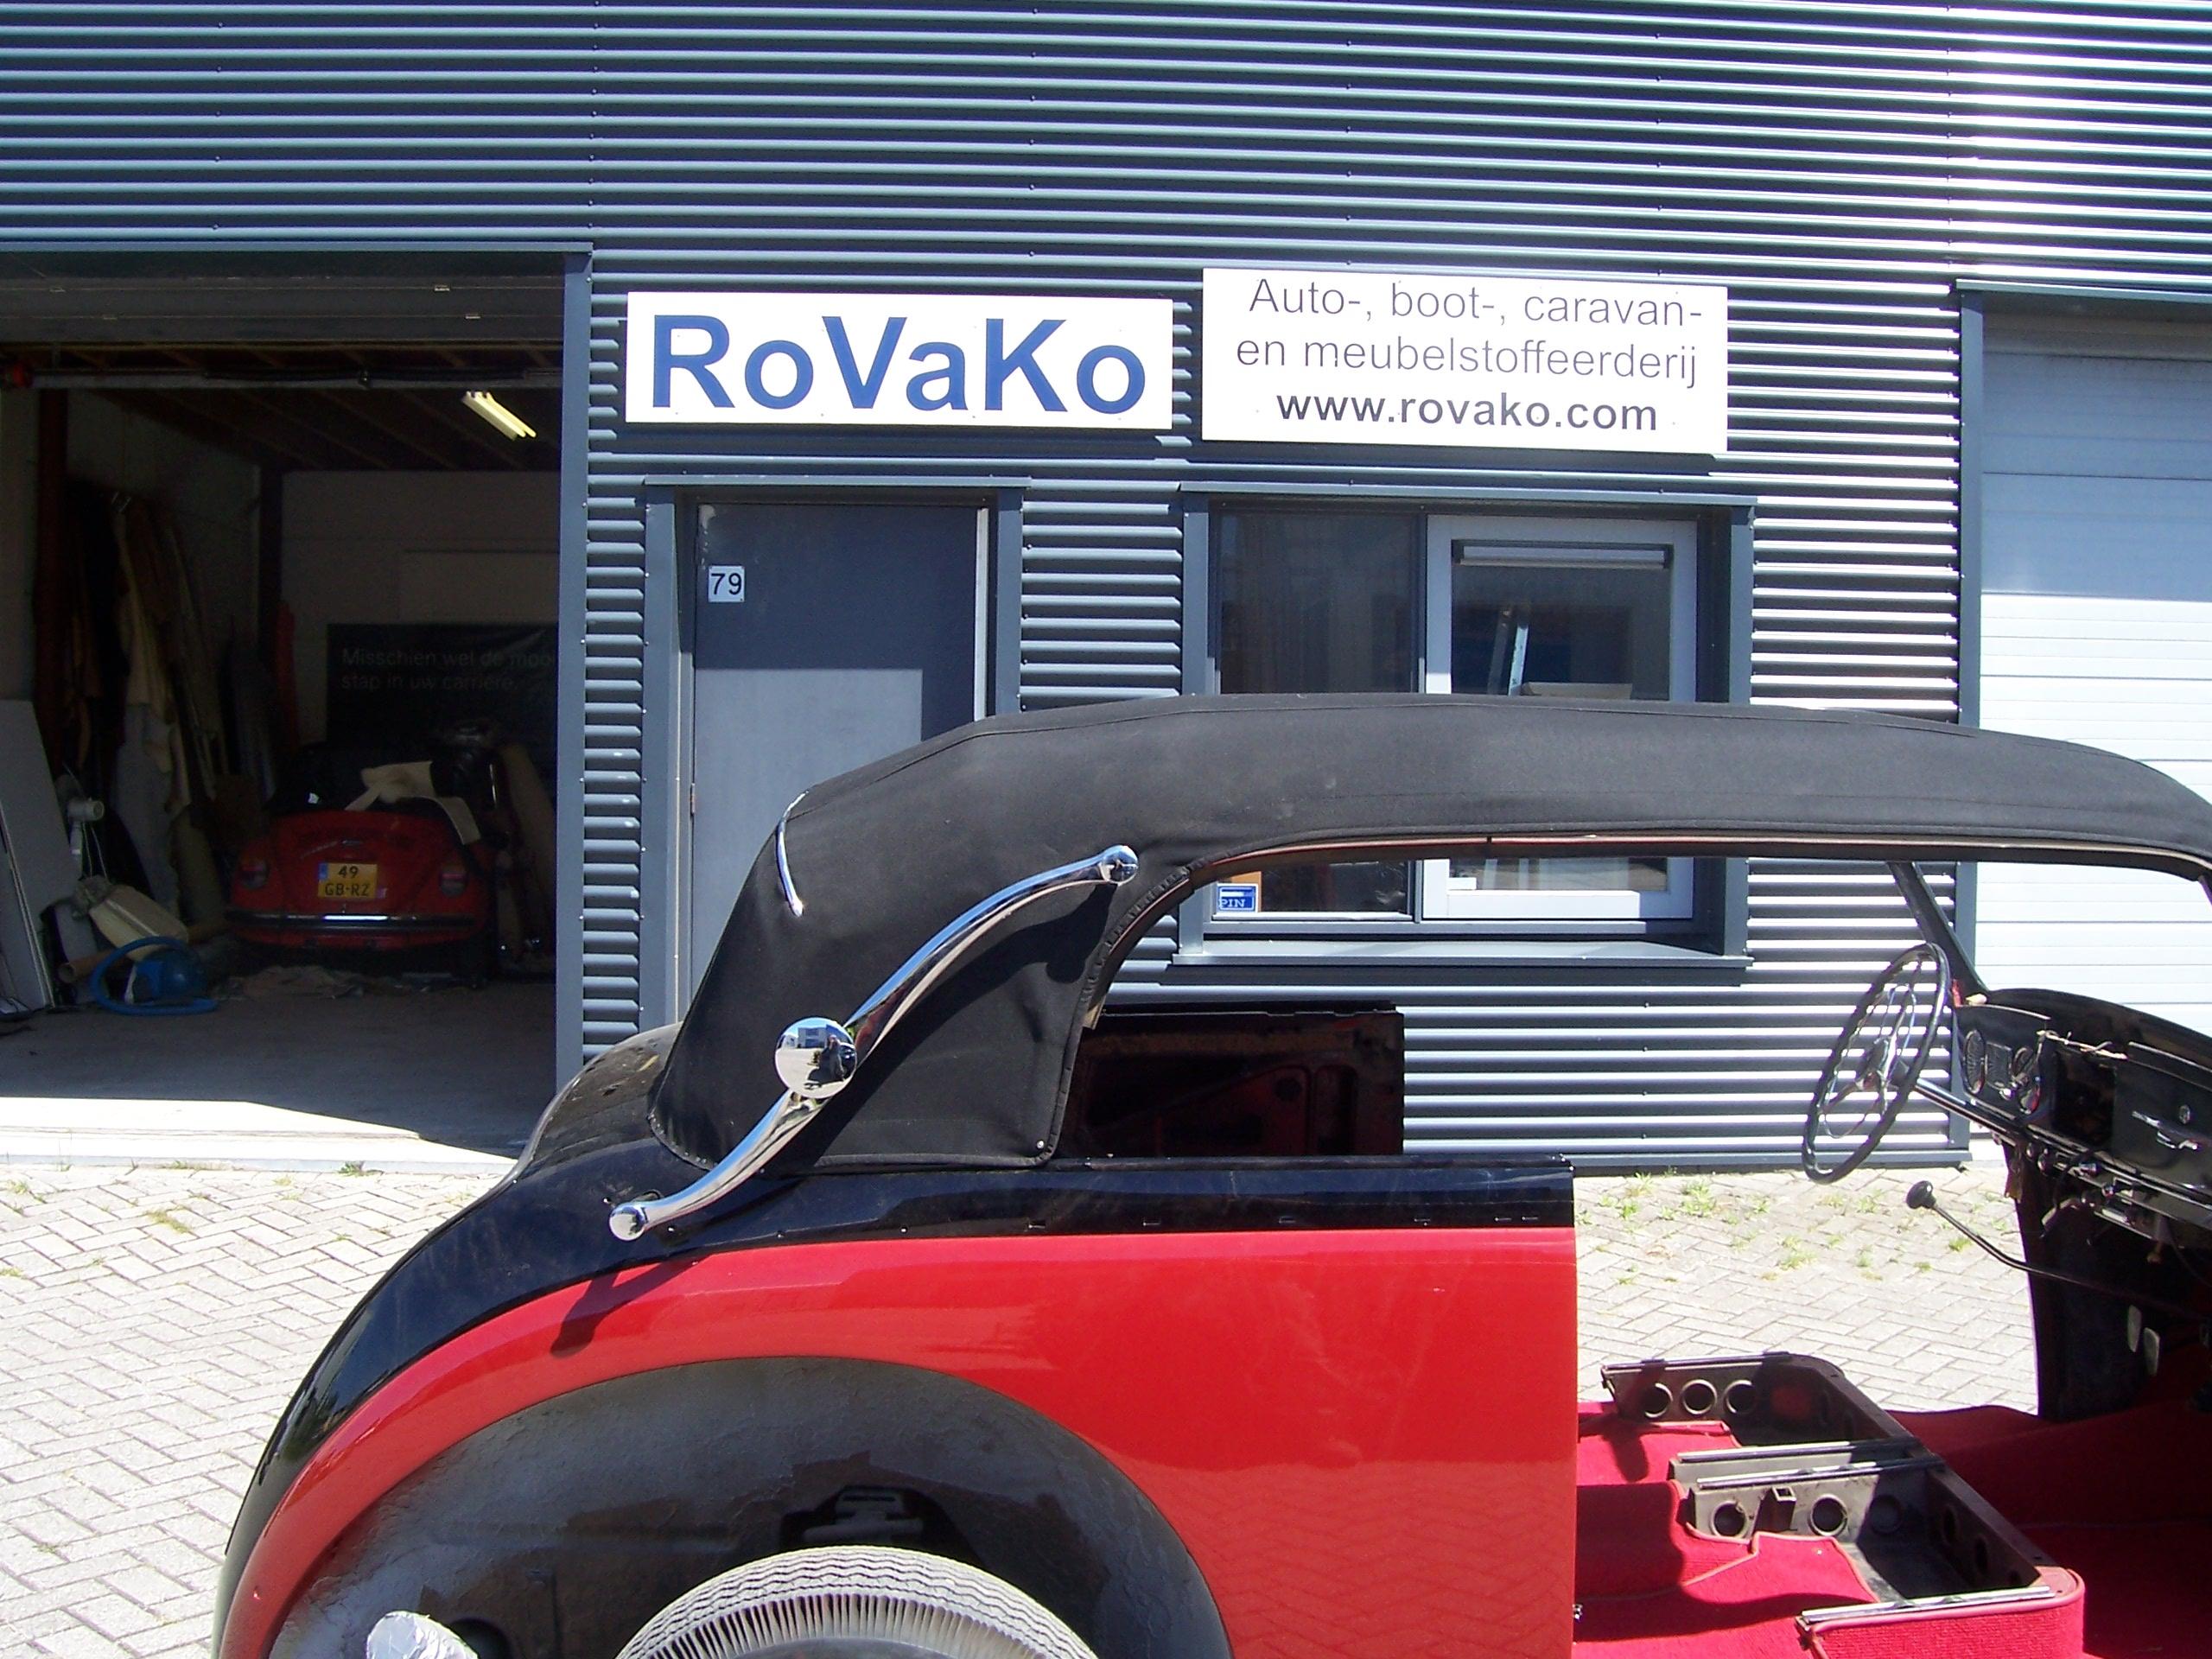 Rovako Autobeklederij